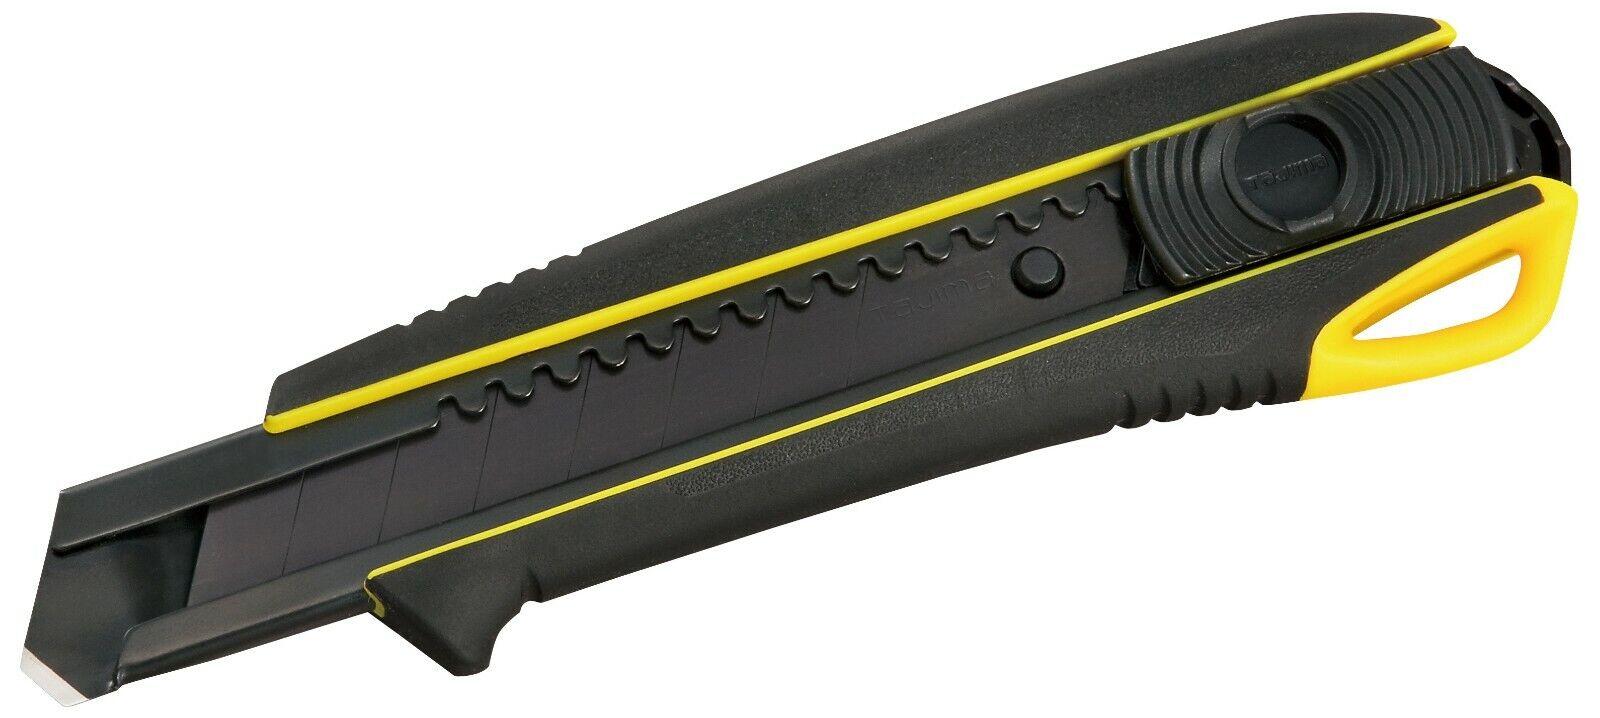 TAJIMA DORA Cutterklingen superscharf RAZAR BLACK 30° 9mm 100 Stück Spare Blades